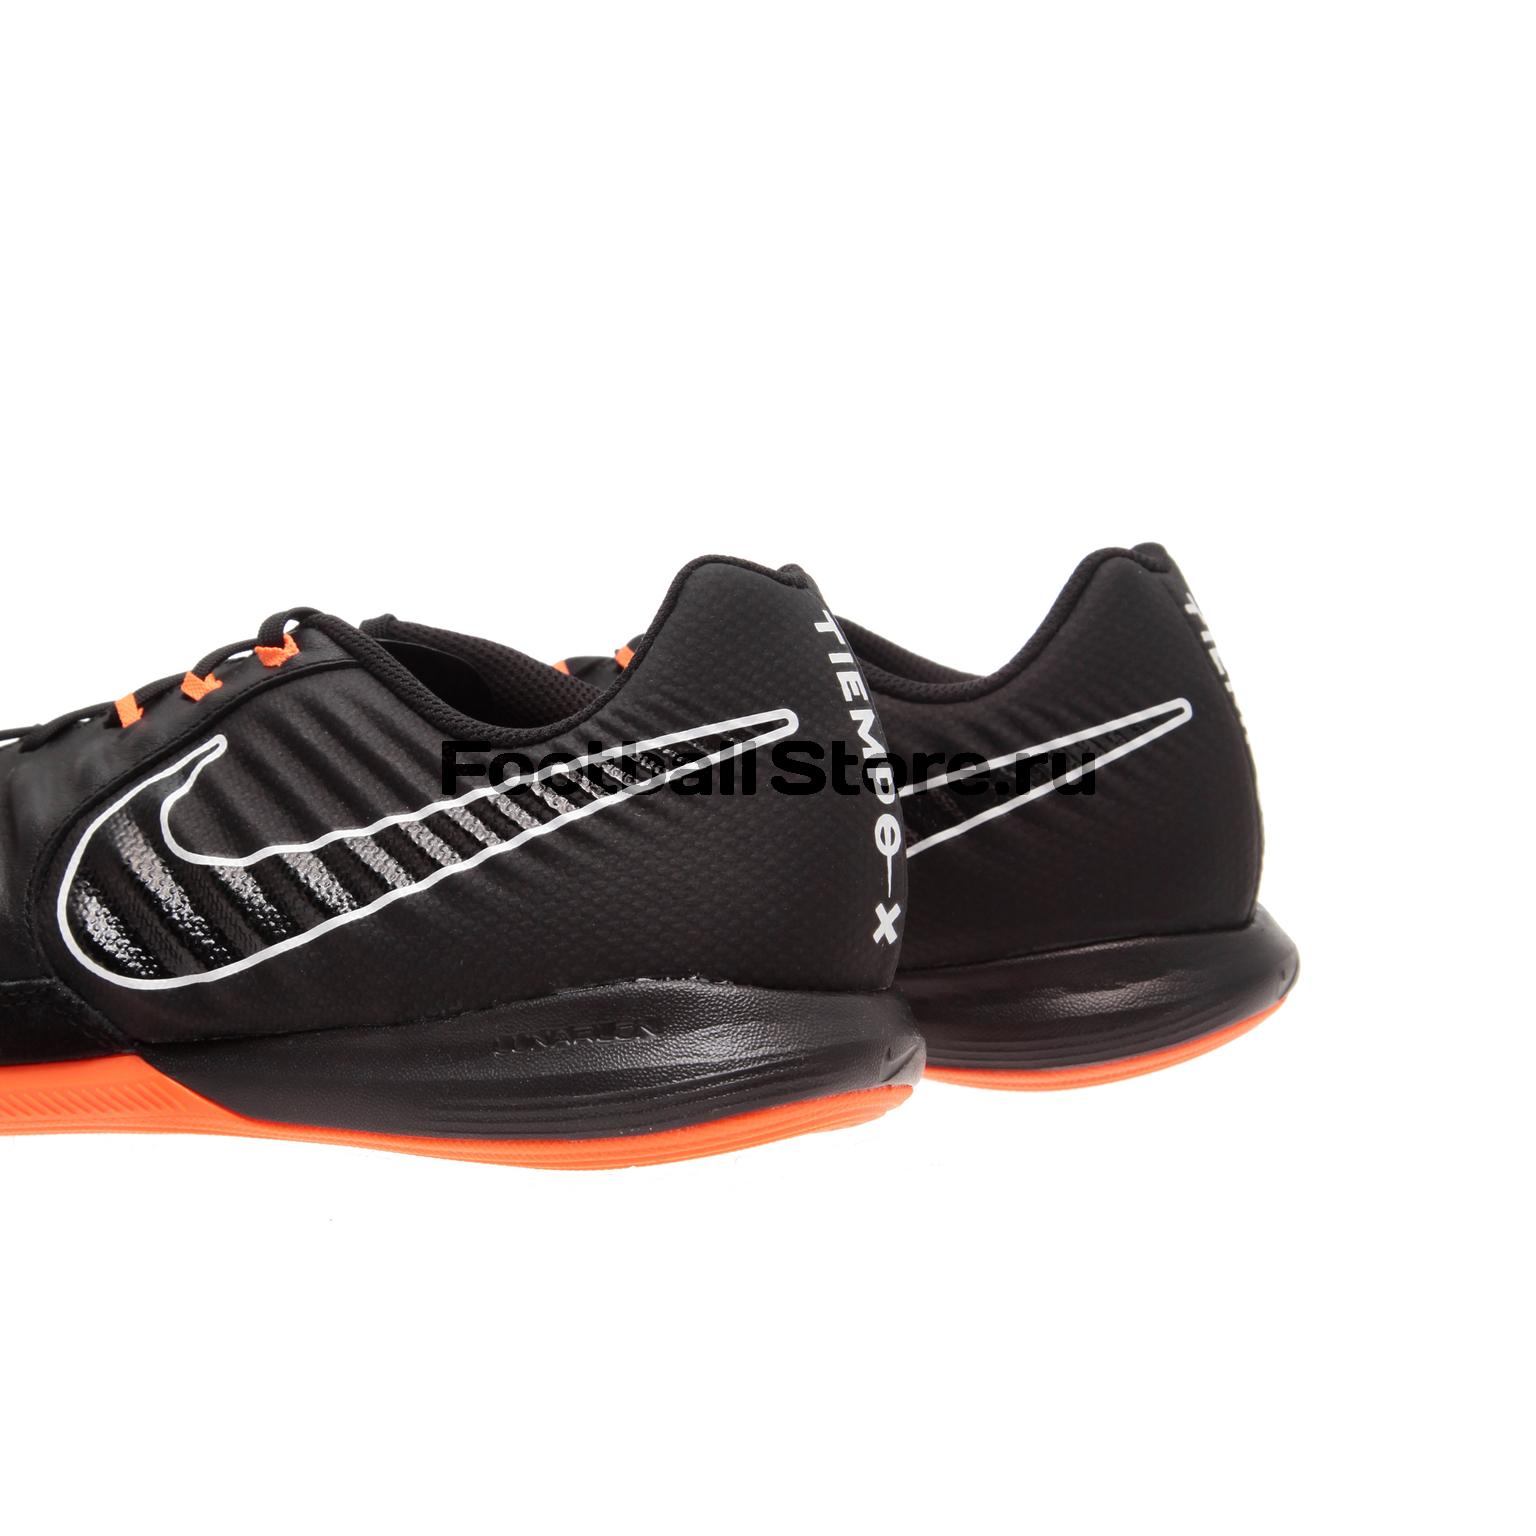 7b983e68 Обувь для зала Nike Lunar LegendX 7 Pro IC AH7246-080 – купить ...